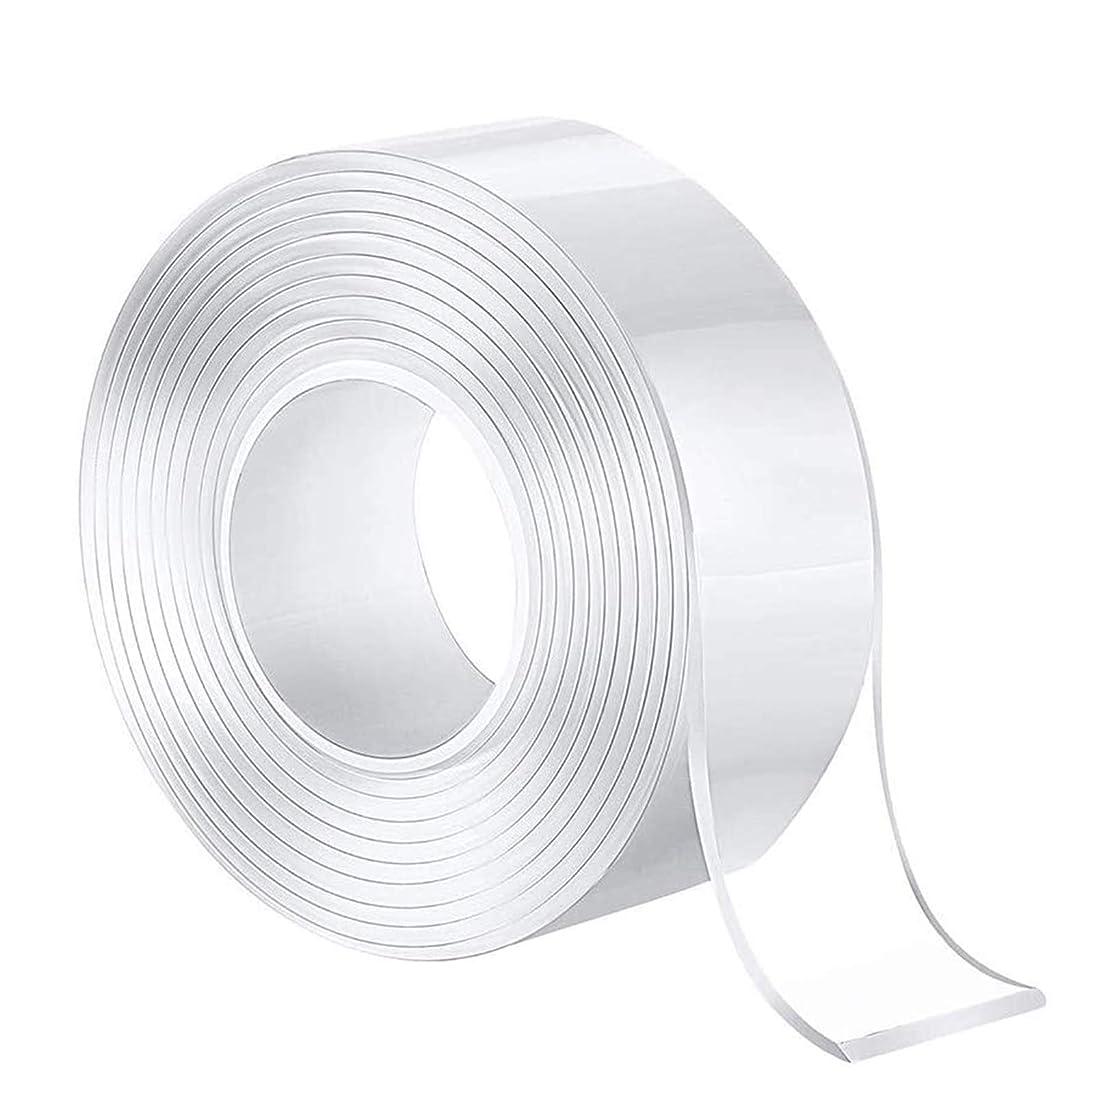 過半数サーバサーバナノテープ 両面テープ 超強力魔法テープ 多機能テープ のり残らず はがせるテープ 透明 多機能テープ のり残らず 繰り返し利用可能 家庭 オフィス 寮 学校 会社 工業用など16.4FT - 4Rolls